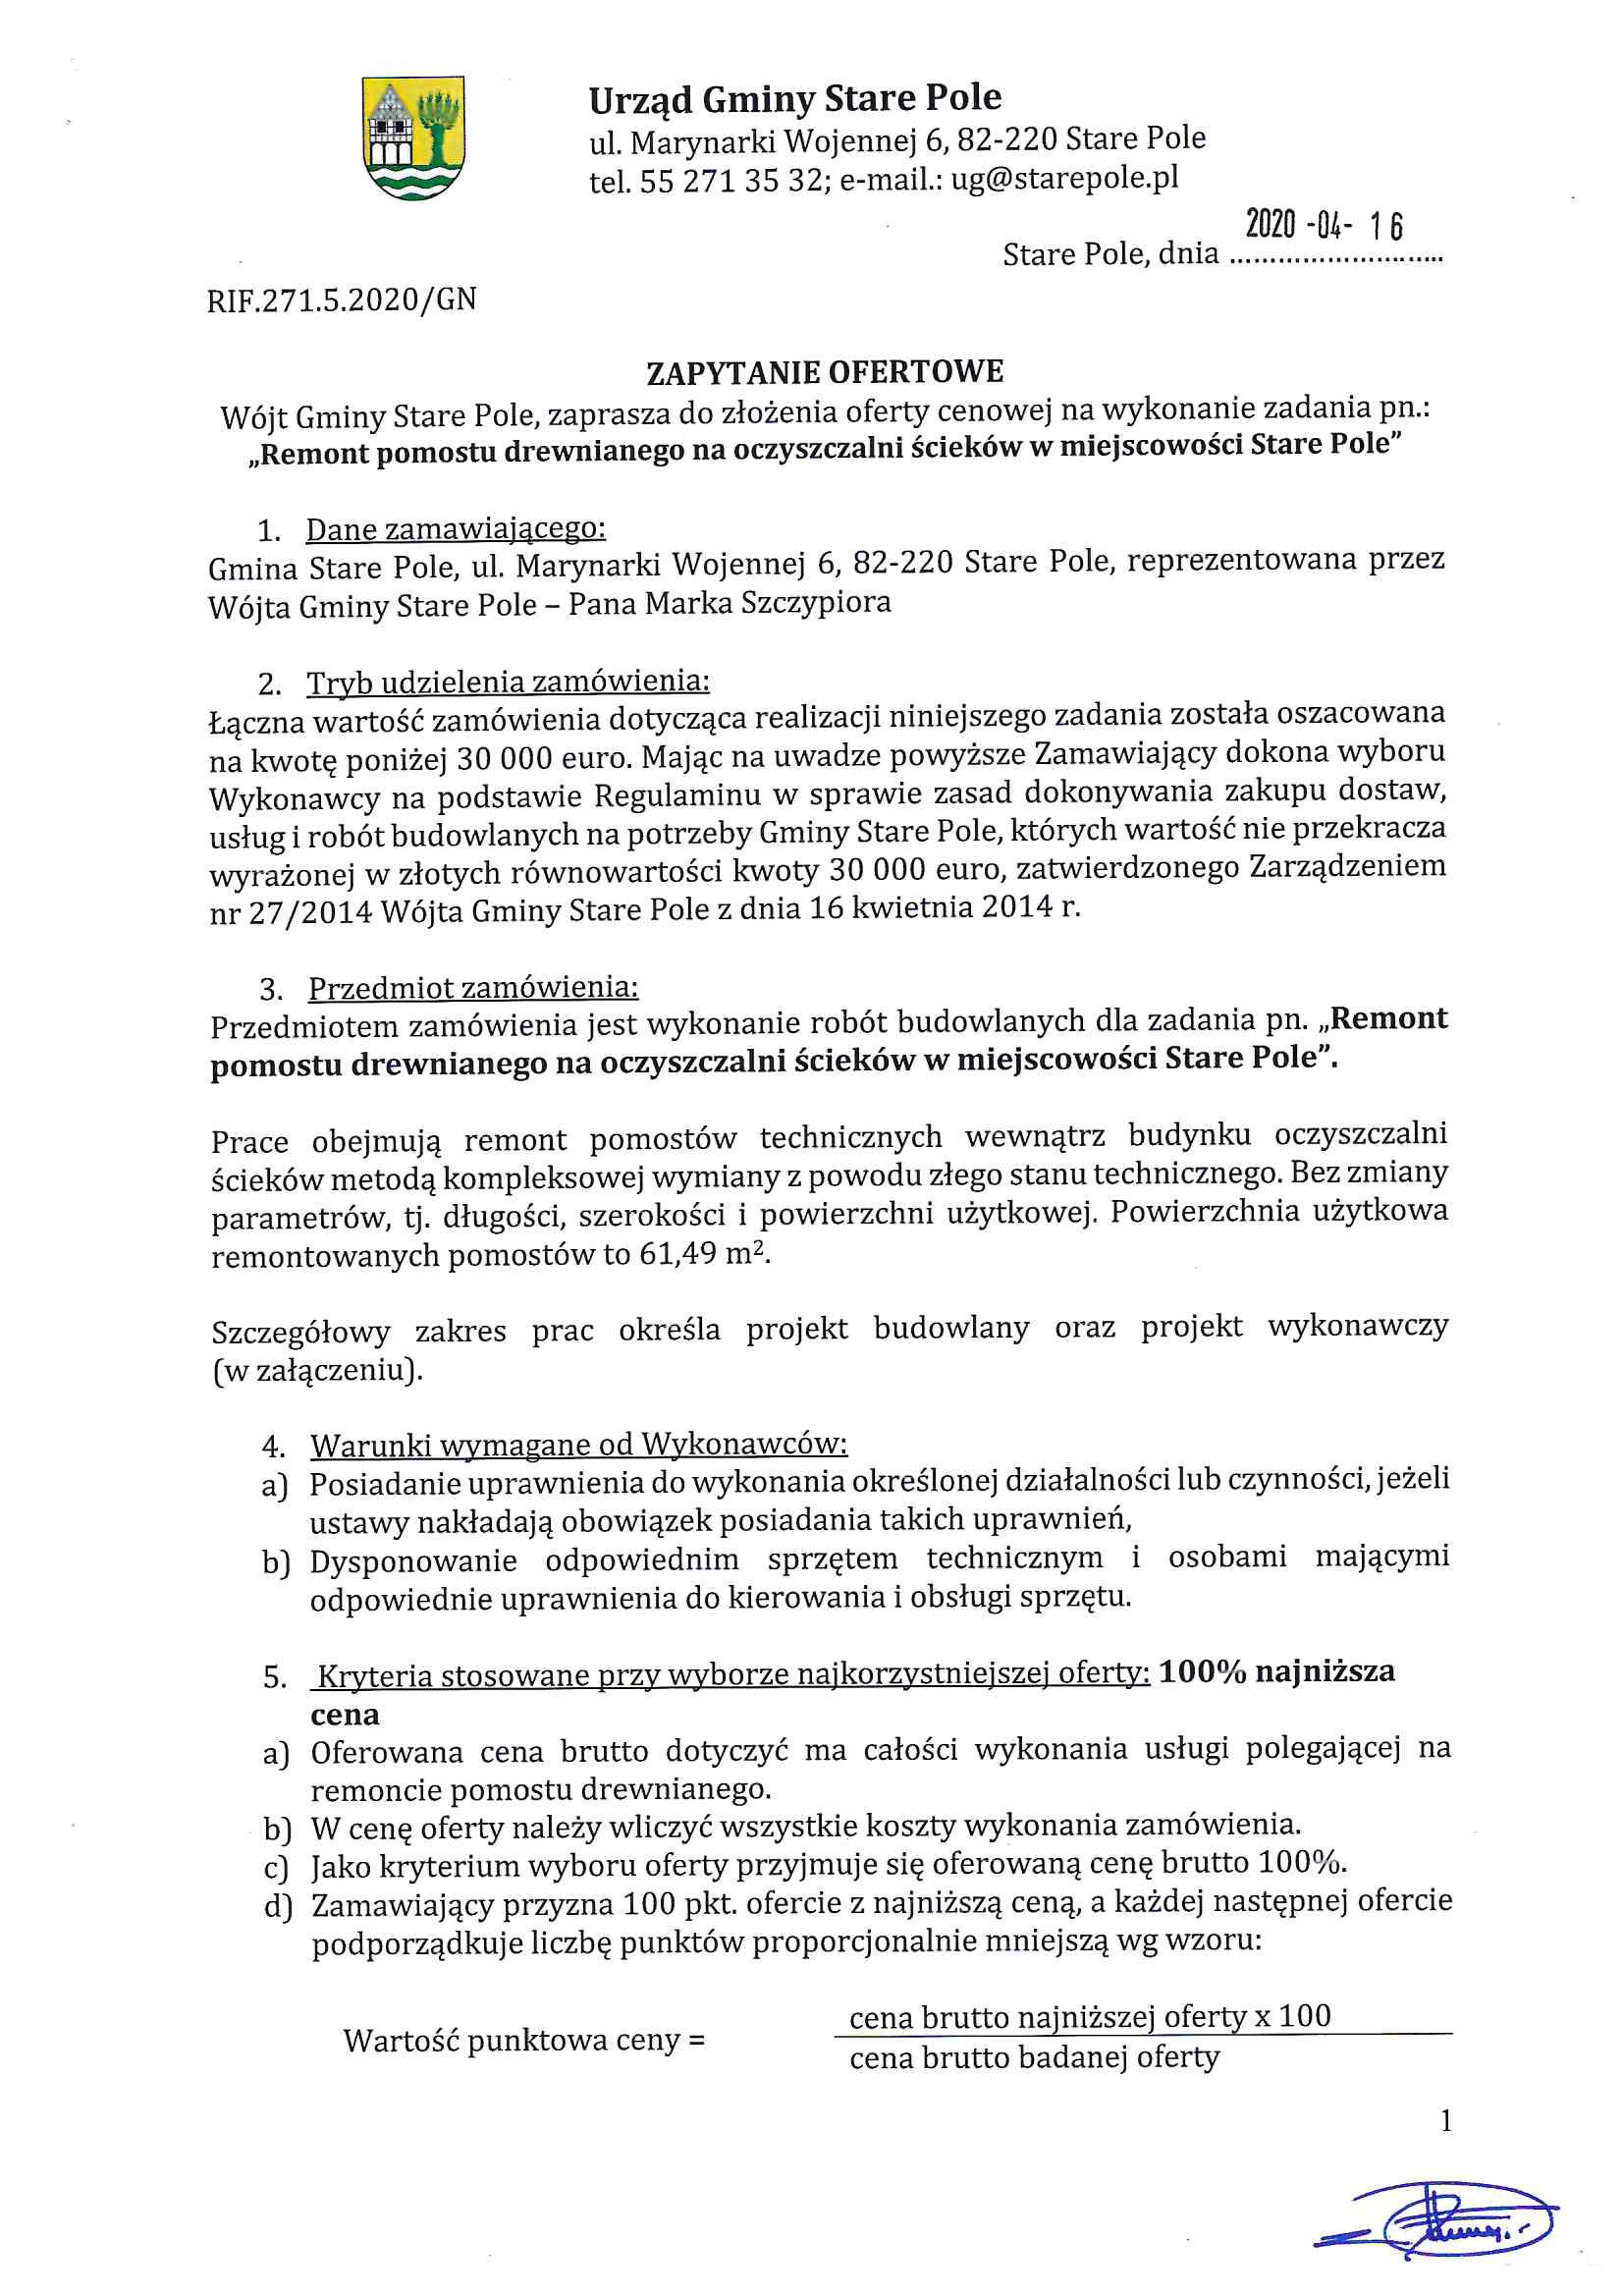 Zapytanie ofertowe z dnia 16 kwietnia 2020 r. - str. 1